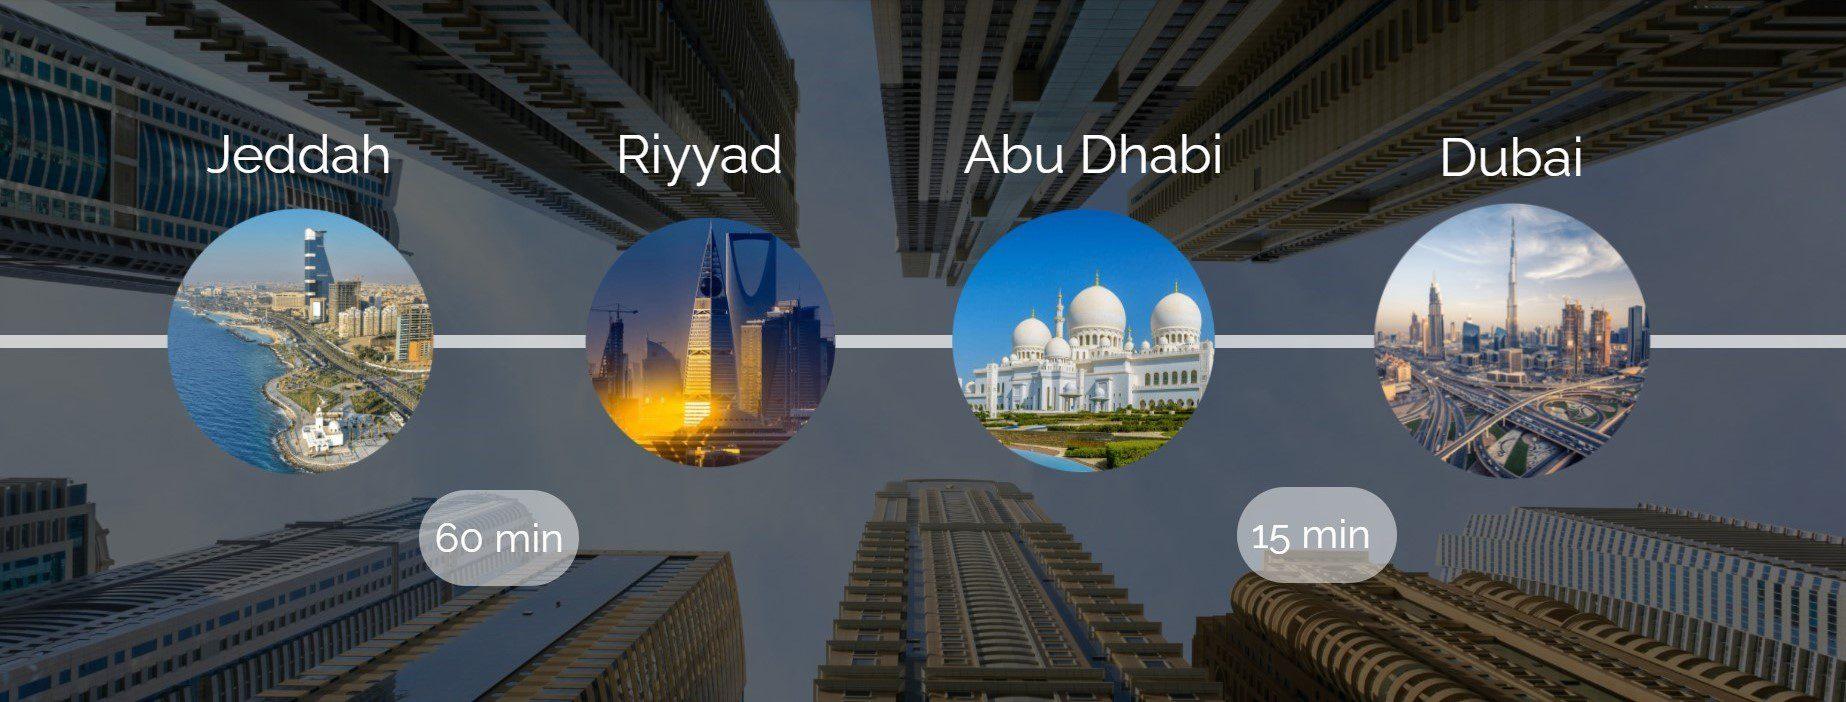 Arabia Routes